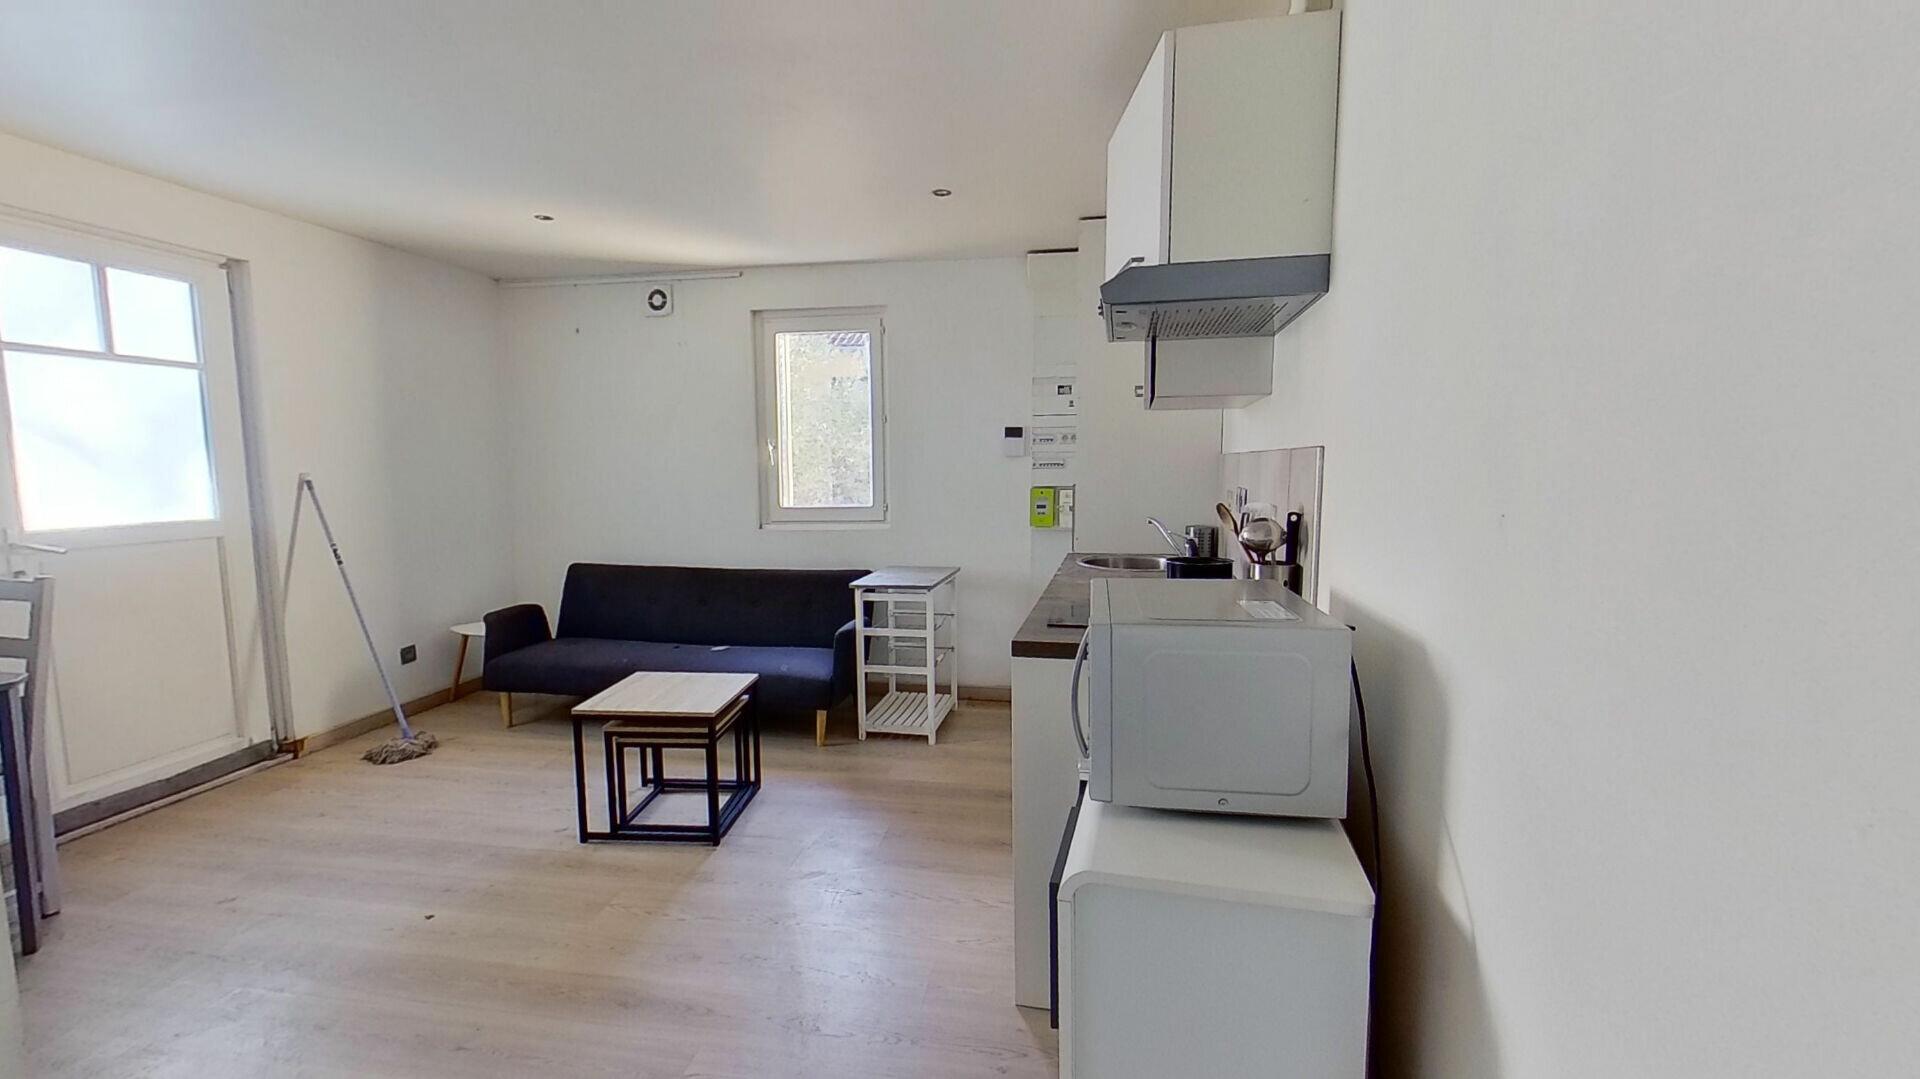 Appartement à louer 2 31.3m2 à Caluire-et-Cuire vignette-2